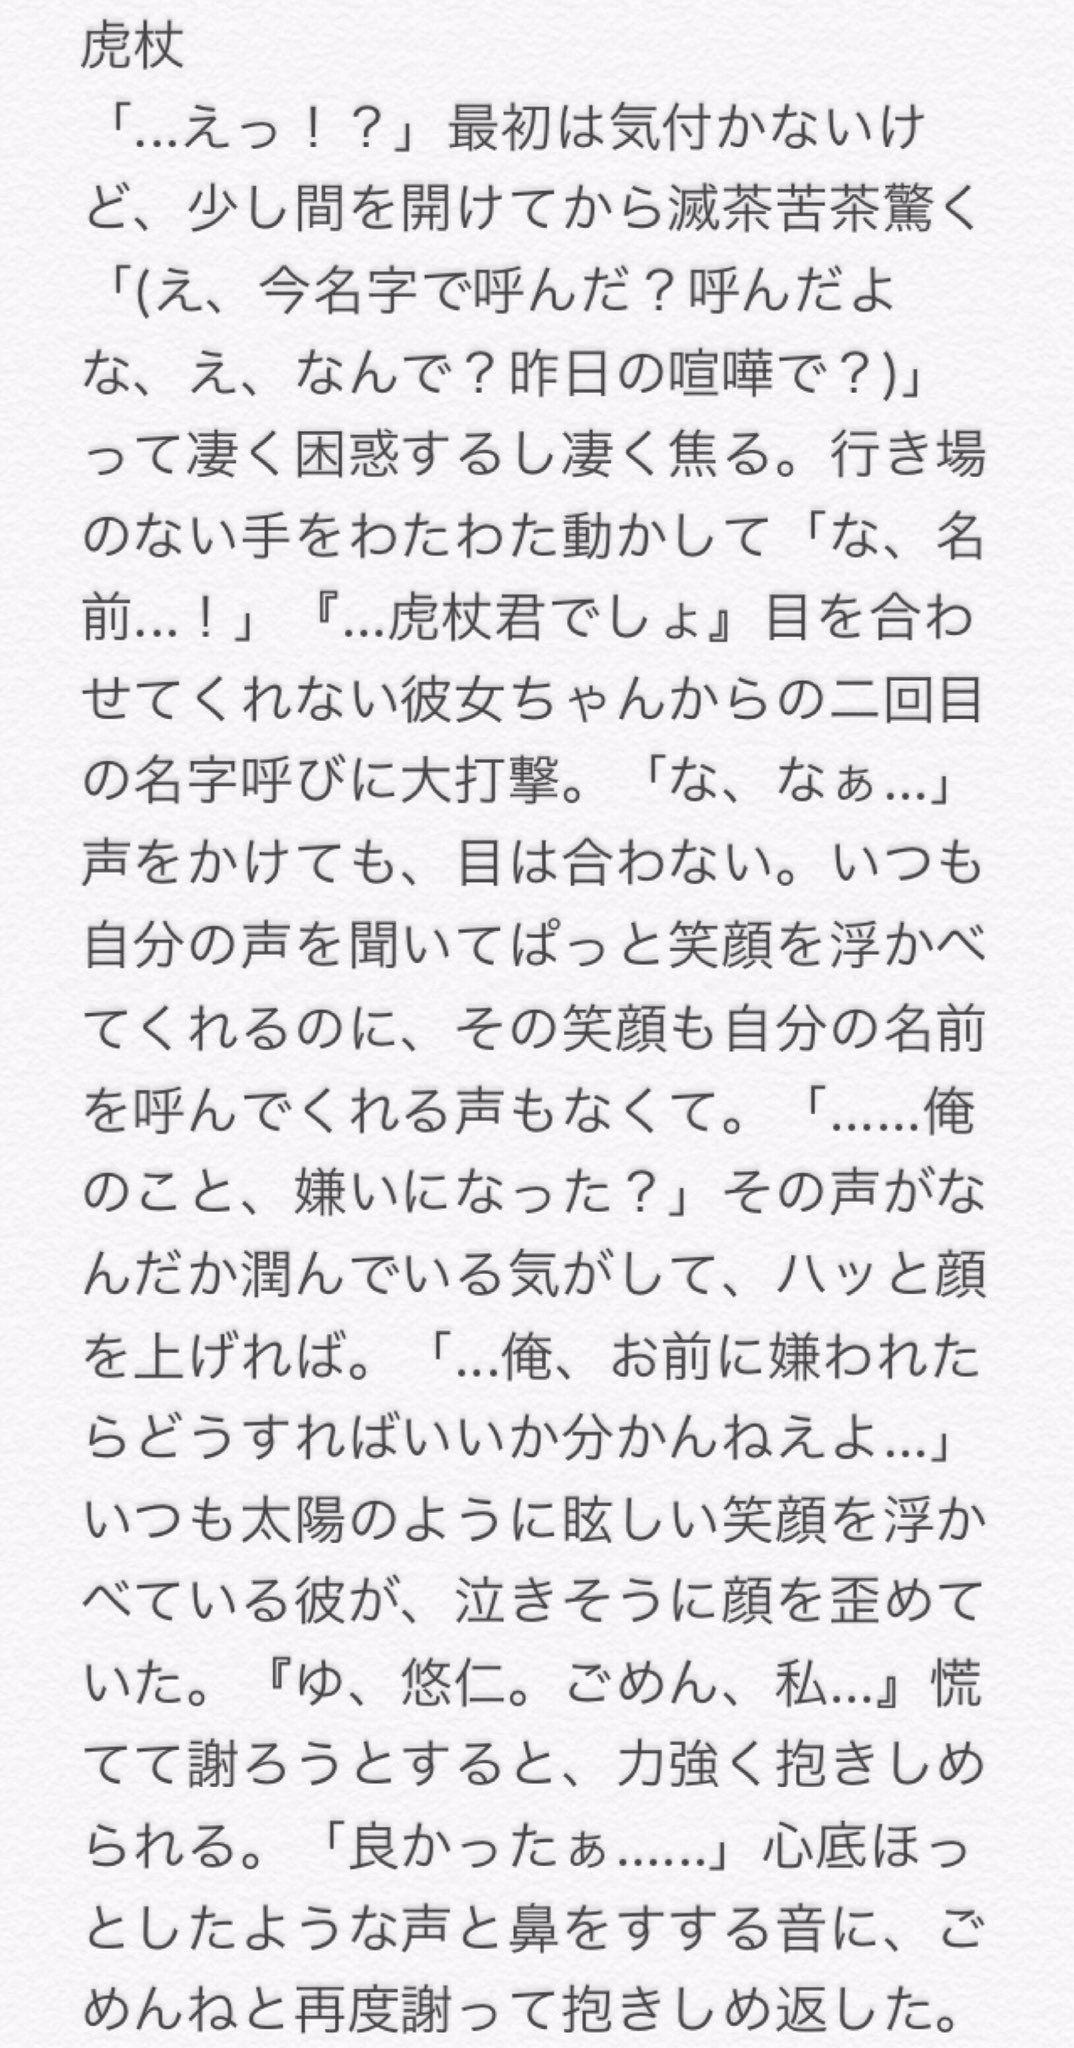 小説 夢 伏黒 恵 『夢幻泡影【呪術廻戦/伏黒 恵オチ】』